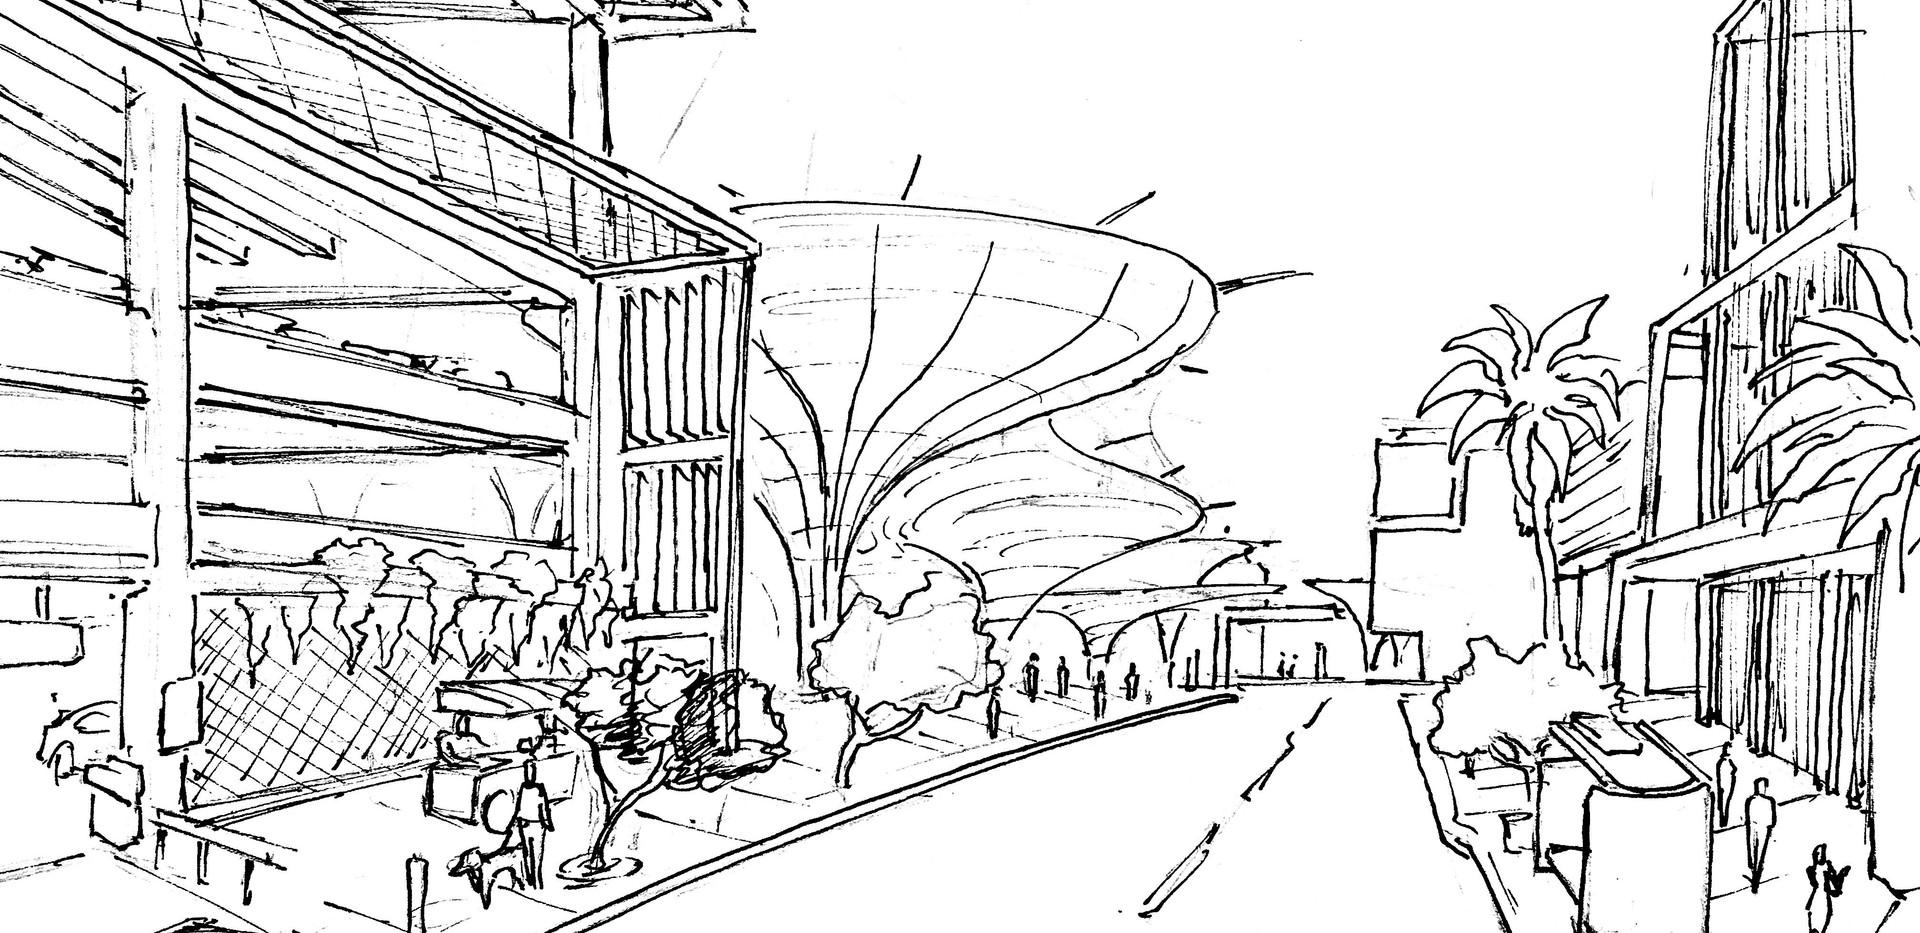 Back Alley To Rio Salado Concept Sketch